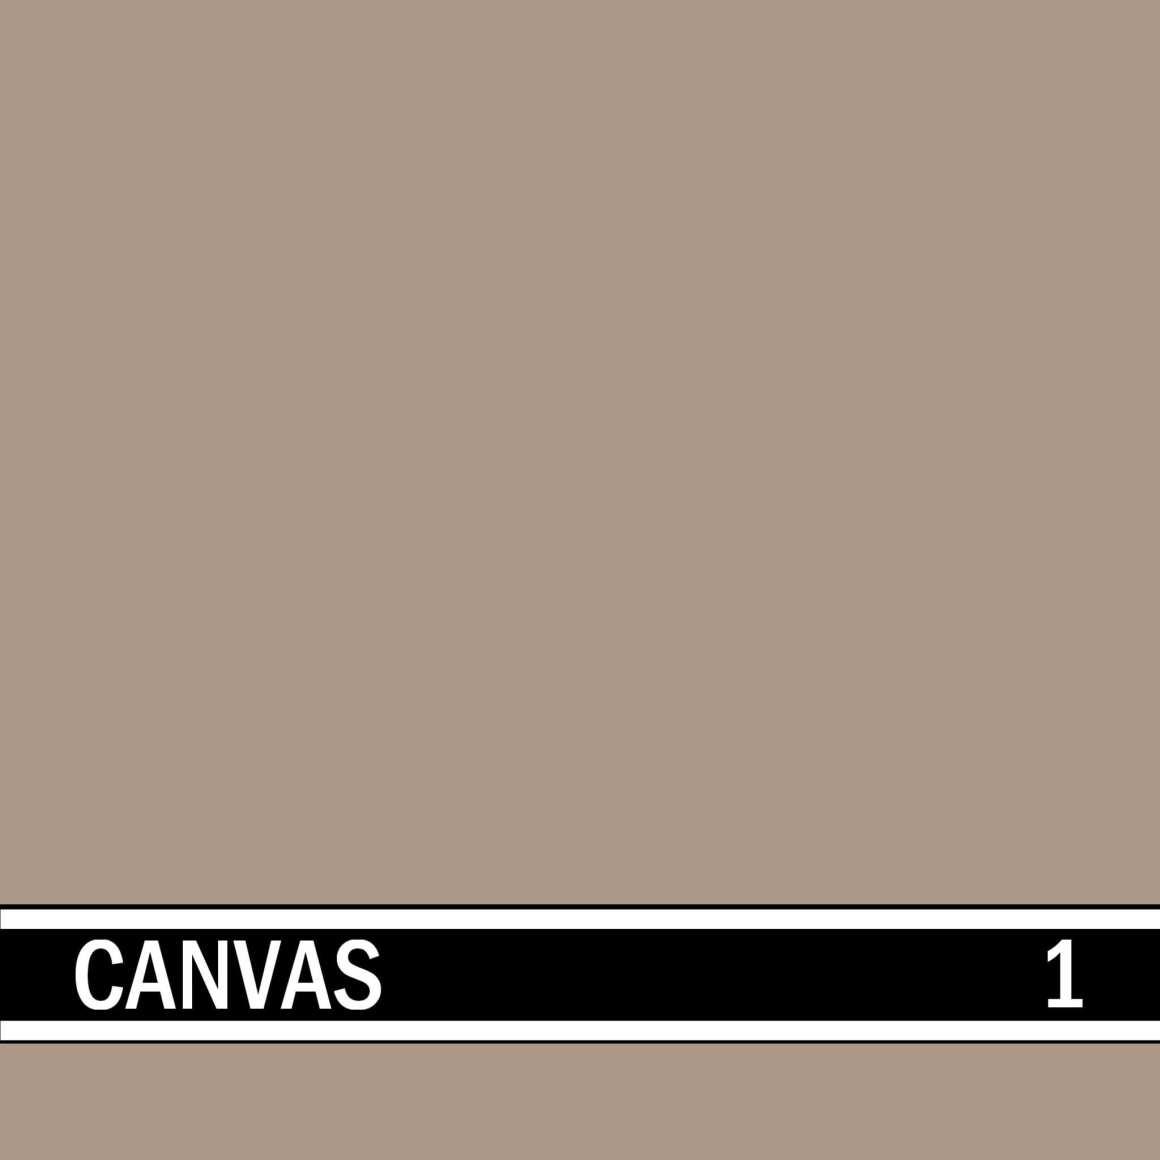 Canvas integral concrete color for stamped concrete and decorative colored concrete